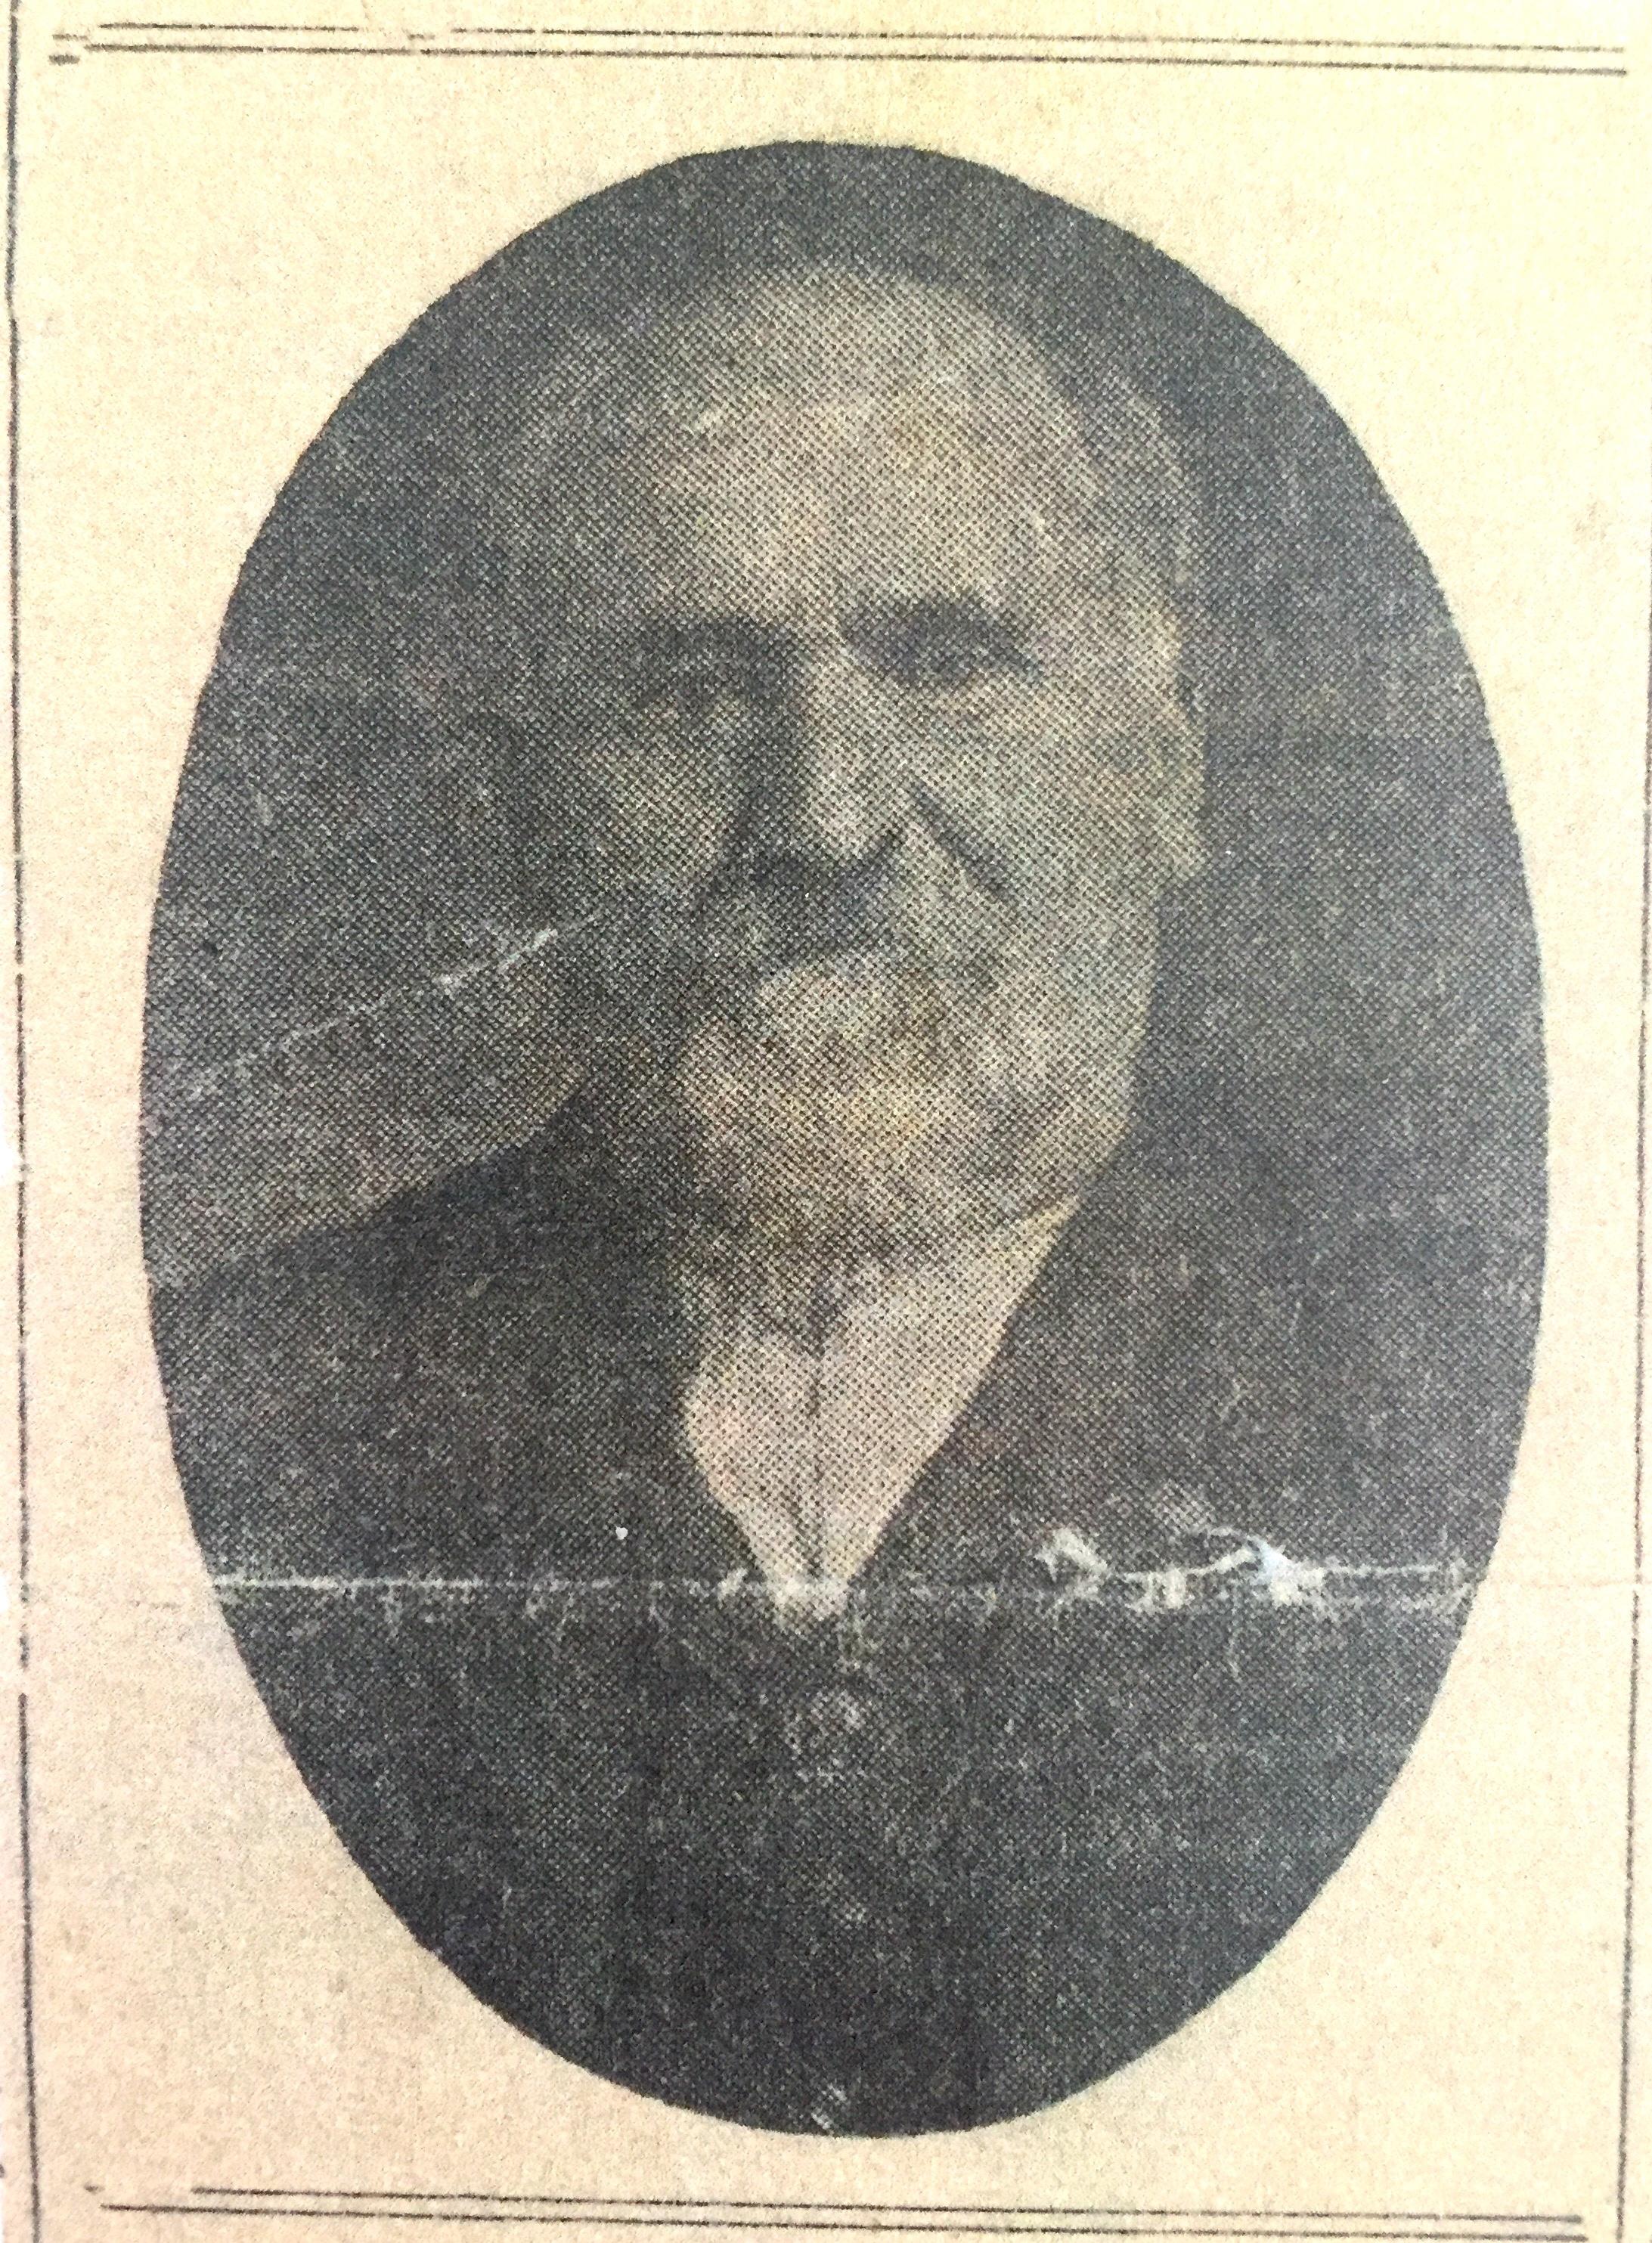 Reuben James Wilson